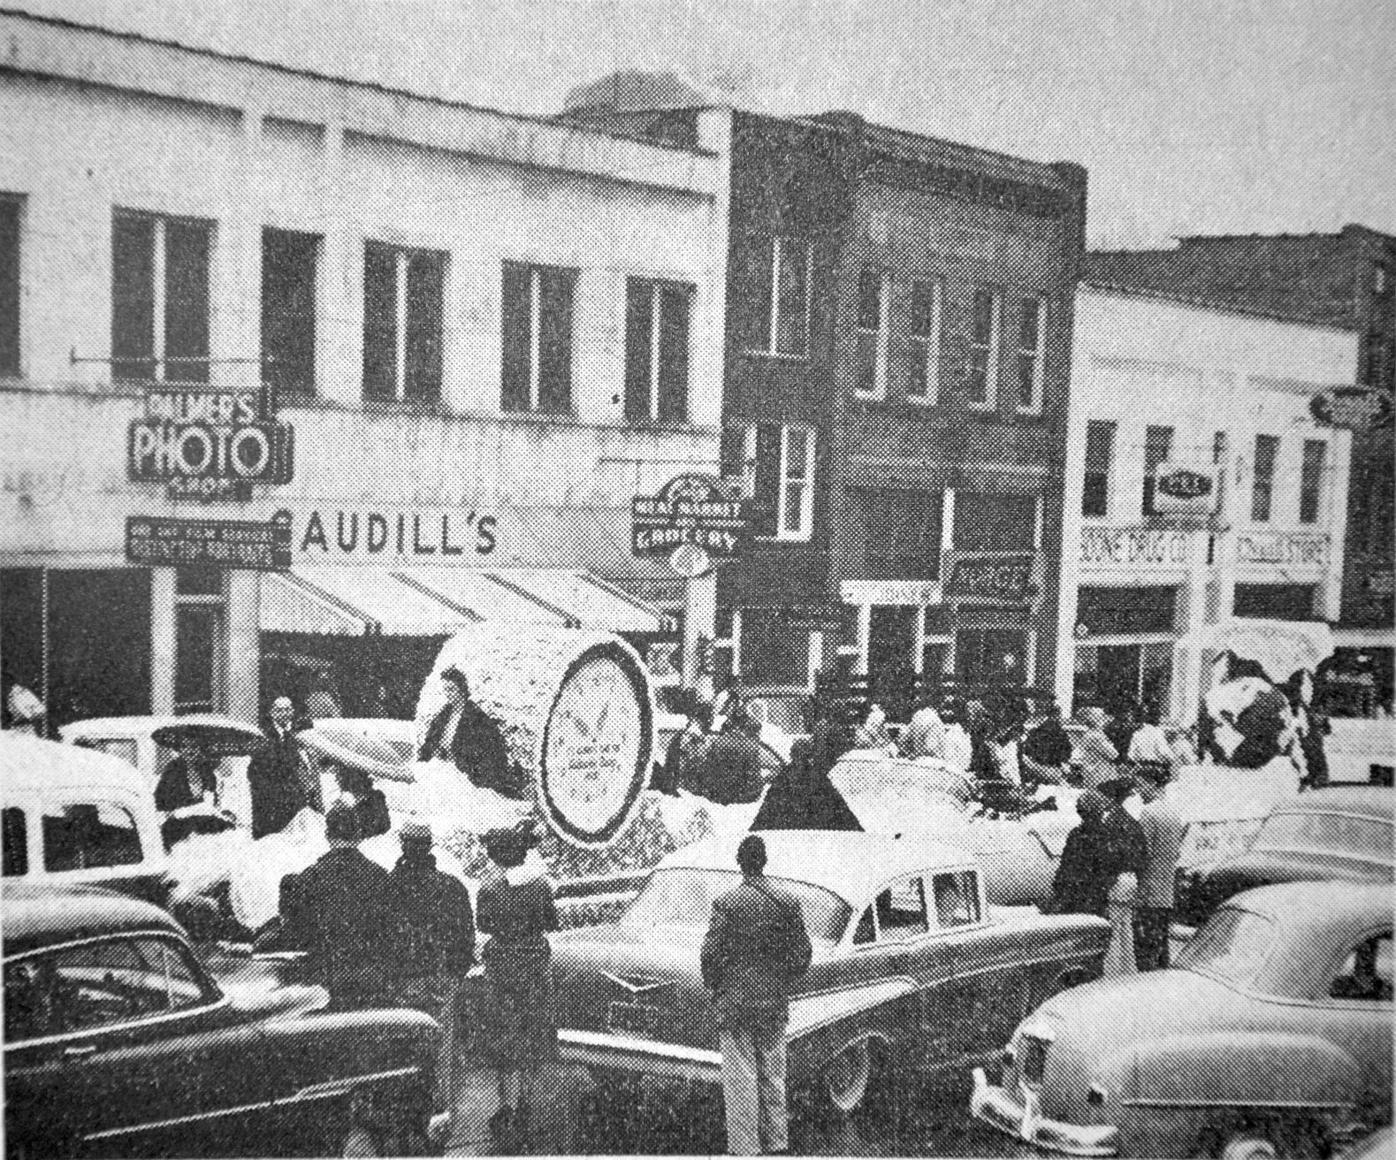 1957 parade